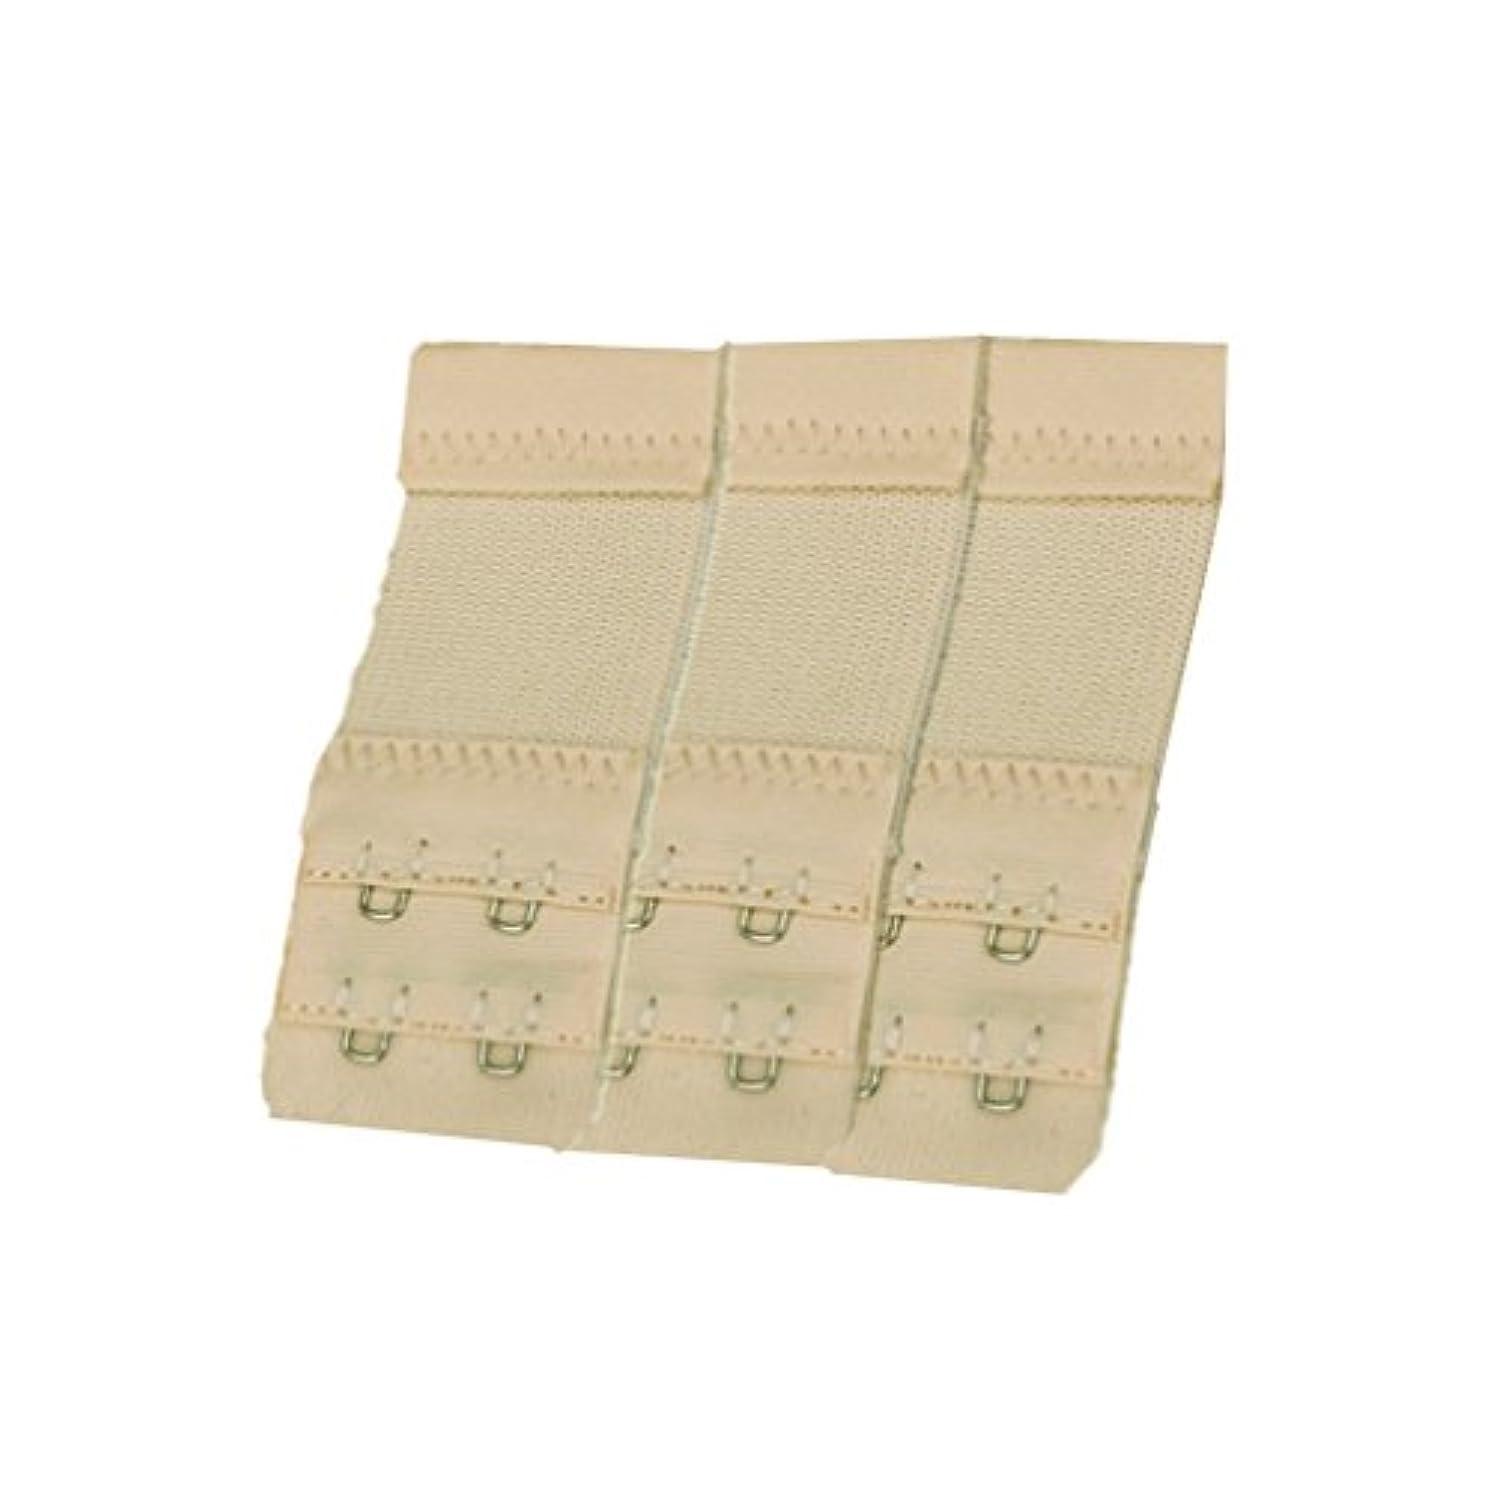 Zhiheng women's Elastic Bra Lingerie Extenders 2 Hooks 2 Rows Extension Straps (3pcs, light natural)